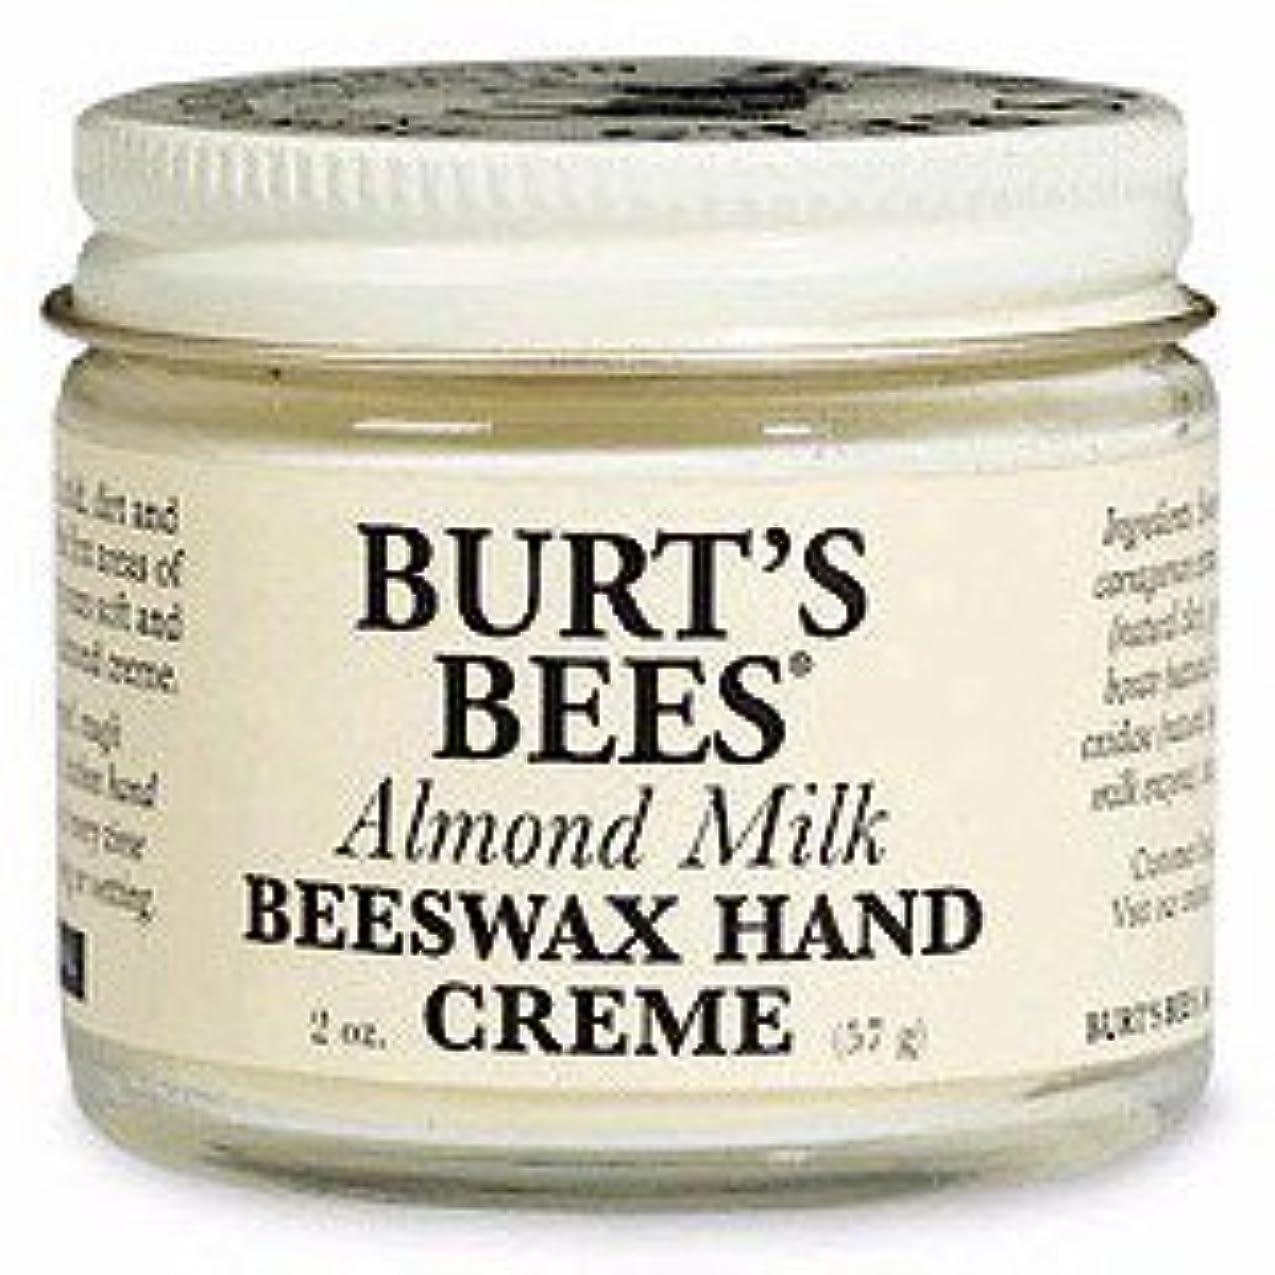 ジャンプ愛情七面鳥バーツビーズ(Burt's Bees) アーモンドミルク?ビーズワックス?ハンドクリーム 57g [海外直送品][並行輸入品]